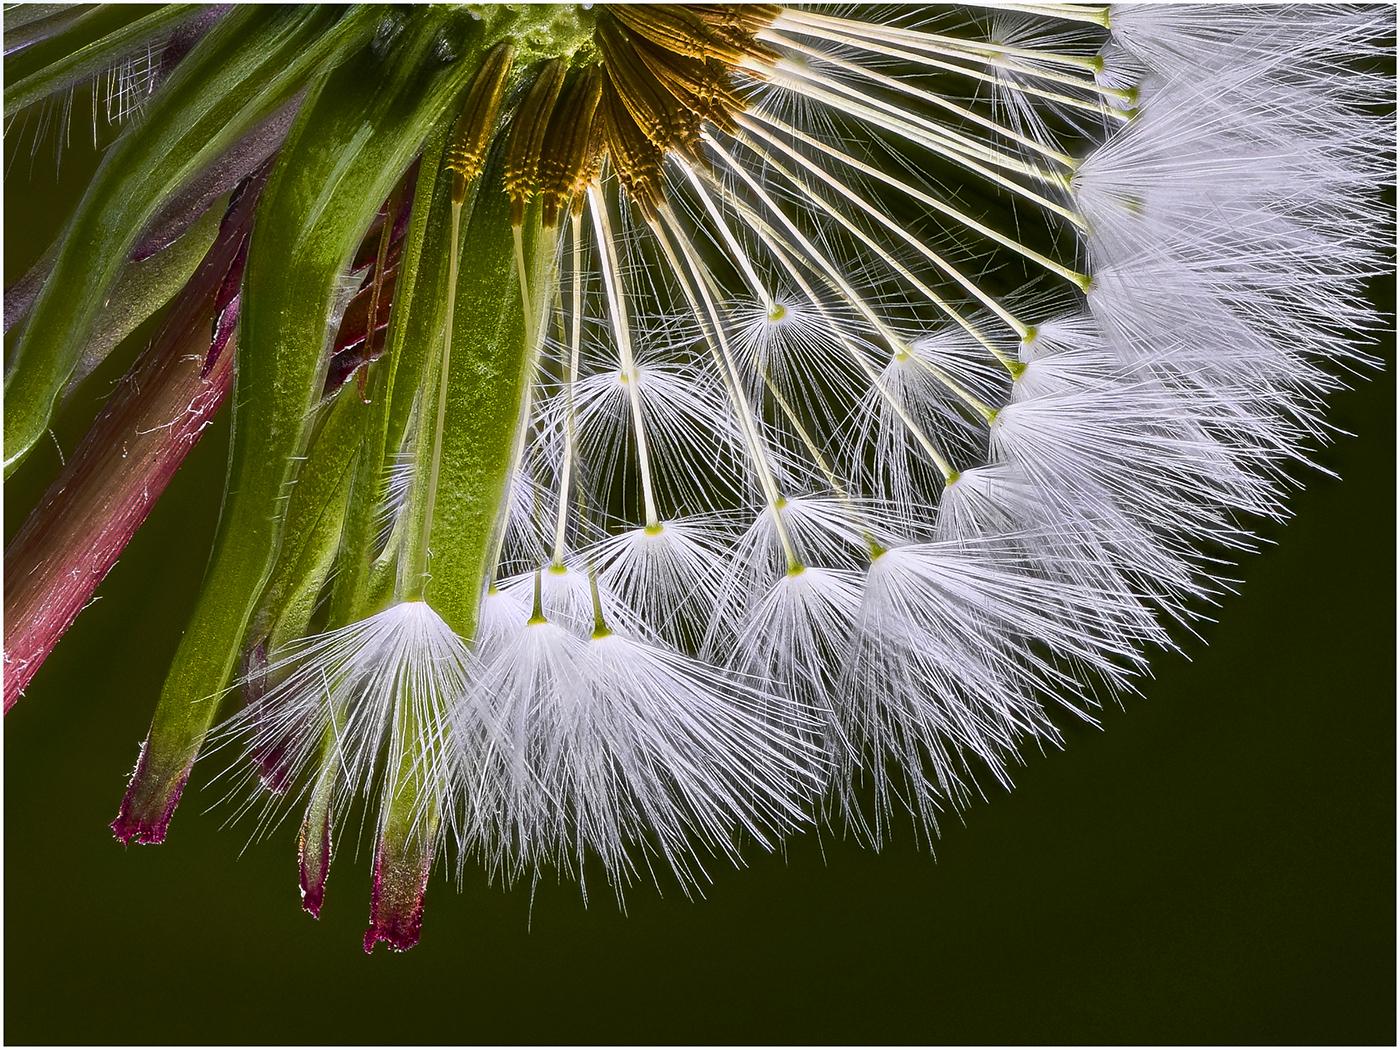 Commended: Dandelion Detail (Michael Bull)